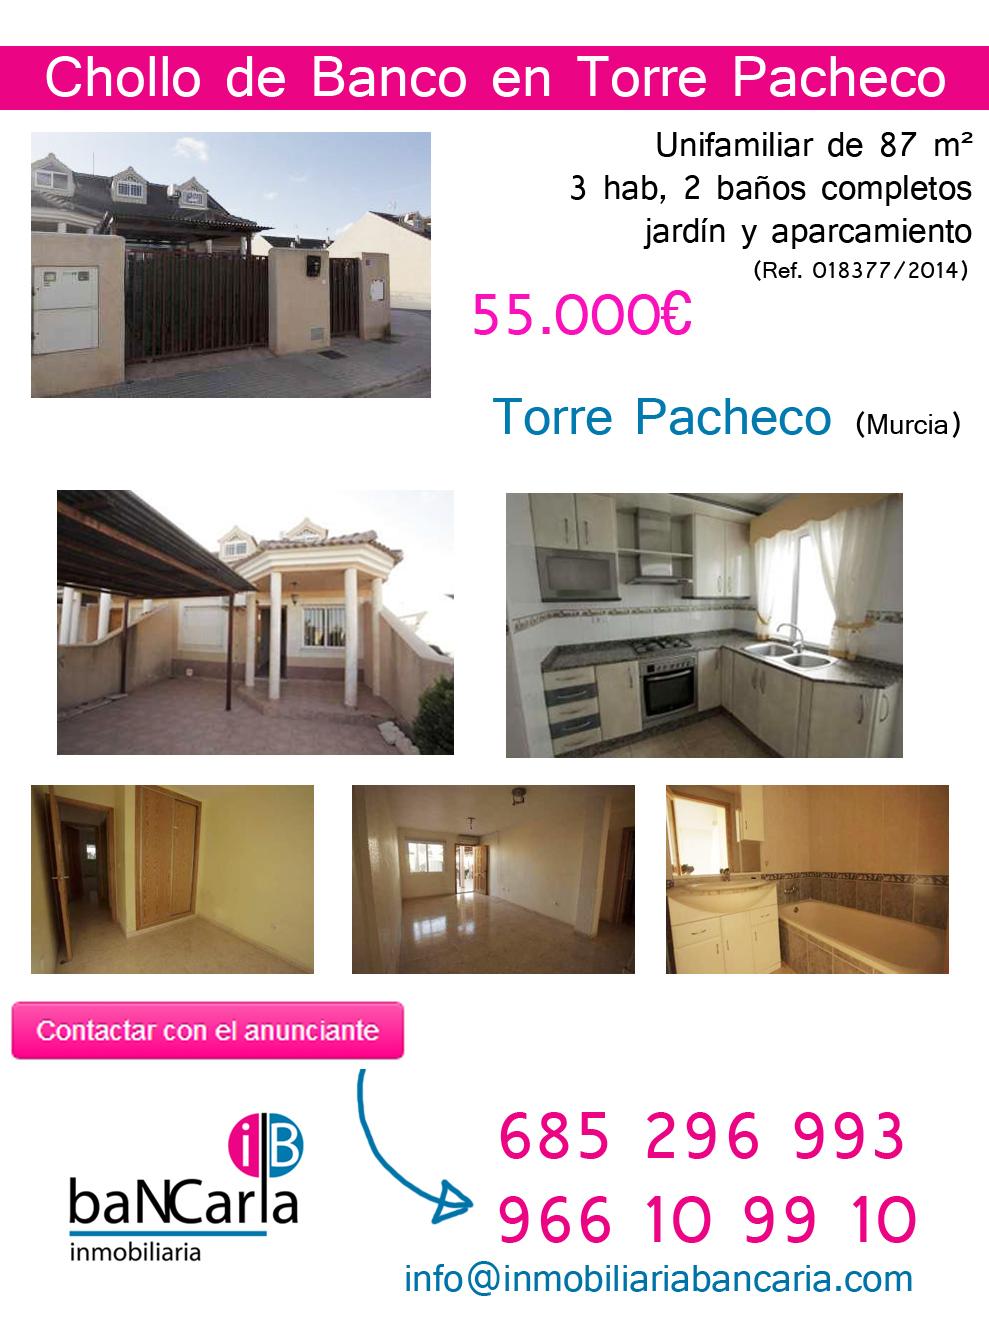 Unifamiliar a la Venta de Banco en Torre Pacheco (Murcia)